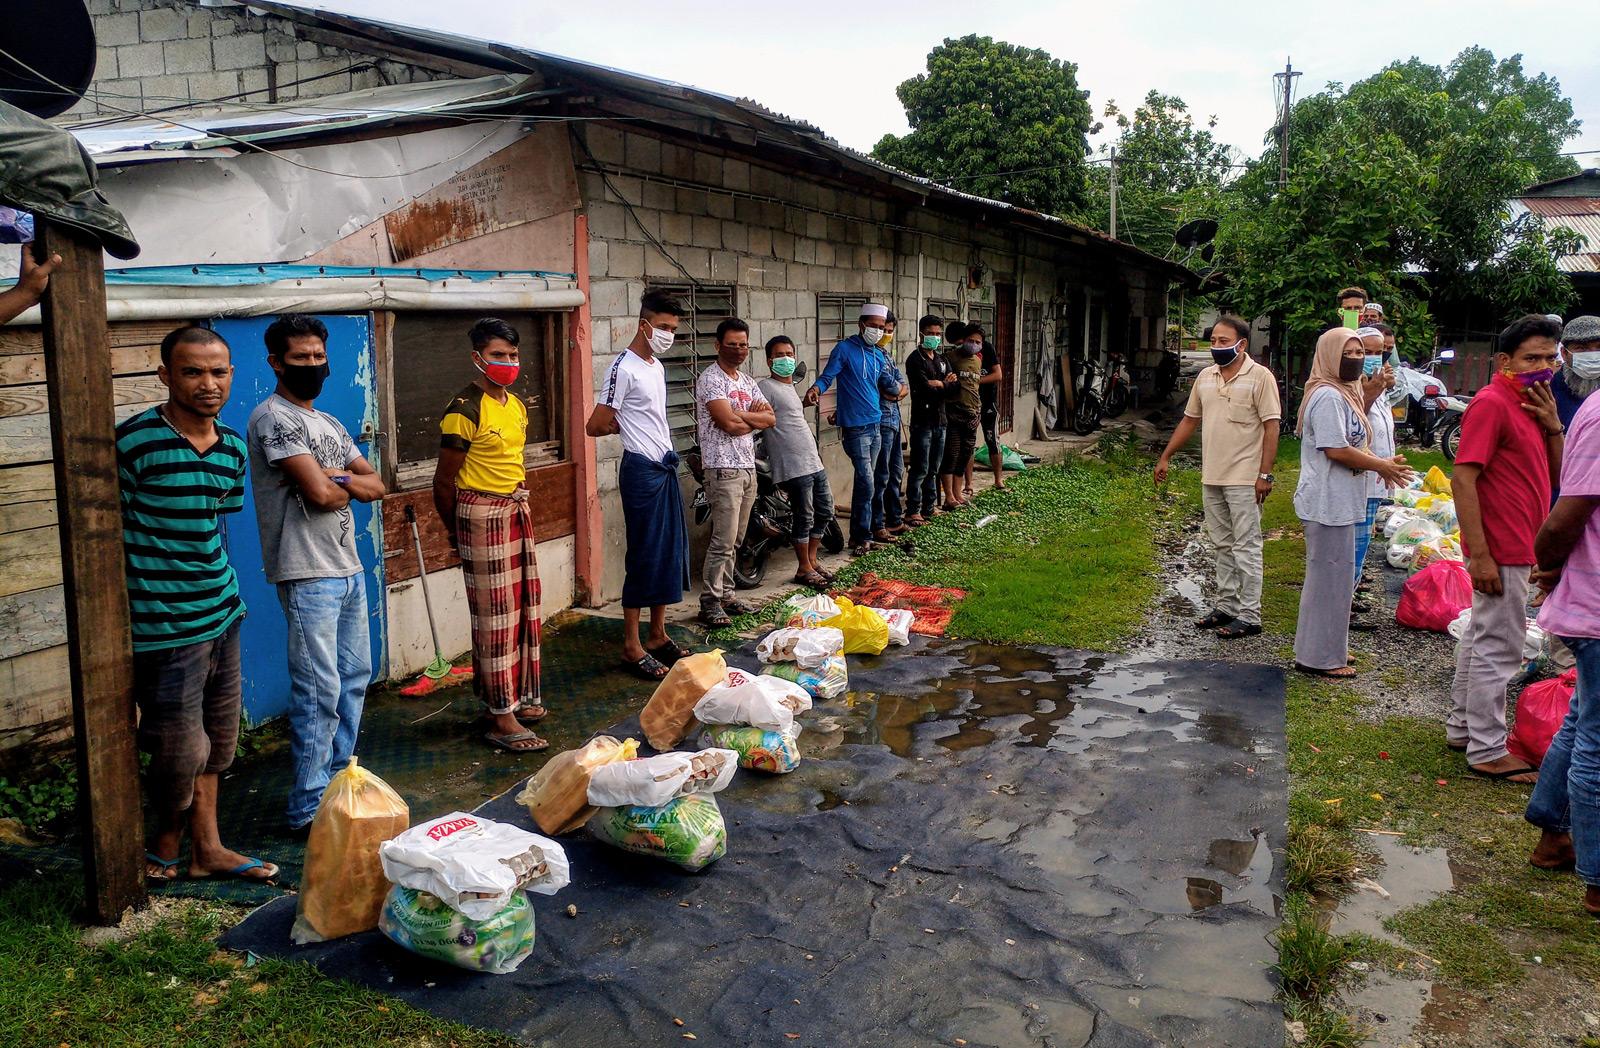 Pelarian etnik Rohingya berlindung di Malaysia, setelah melarikan diri daripada konflik dan pelanggaran hak asasi di Myanmar. Mereka hidup sebagai penghuni setinggan di bandar dan bekerja secara haram dalam ekonomi tidak rasmi. Semasa wabak COVID-19, ramai yang kehilangan pekerjaan dan menjadi sasaran ejekan dalam talian dan kata-kata benci berbaur xenofobik.